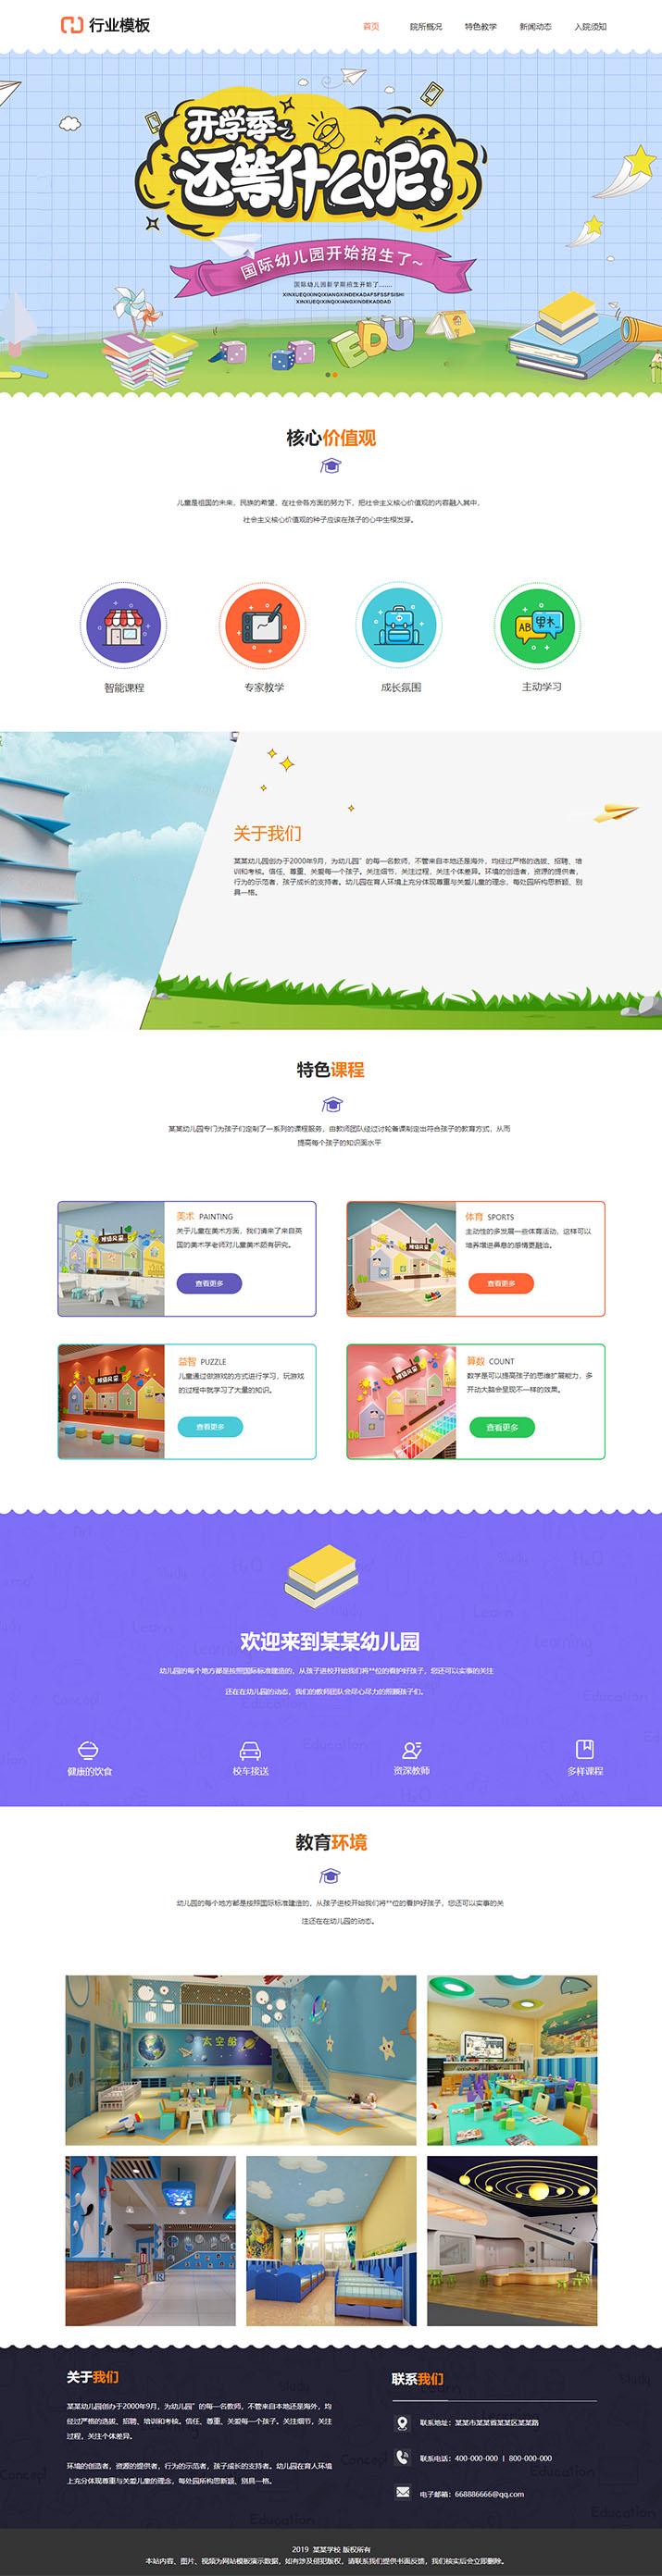 幼儿园教育官网